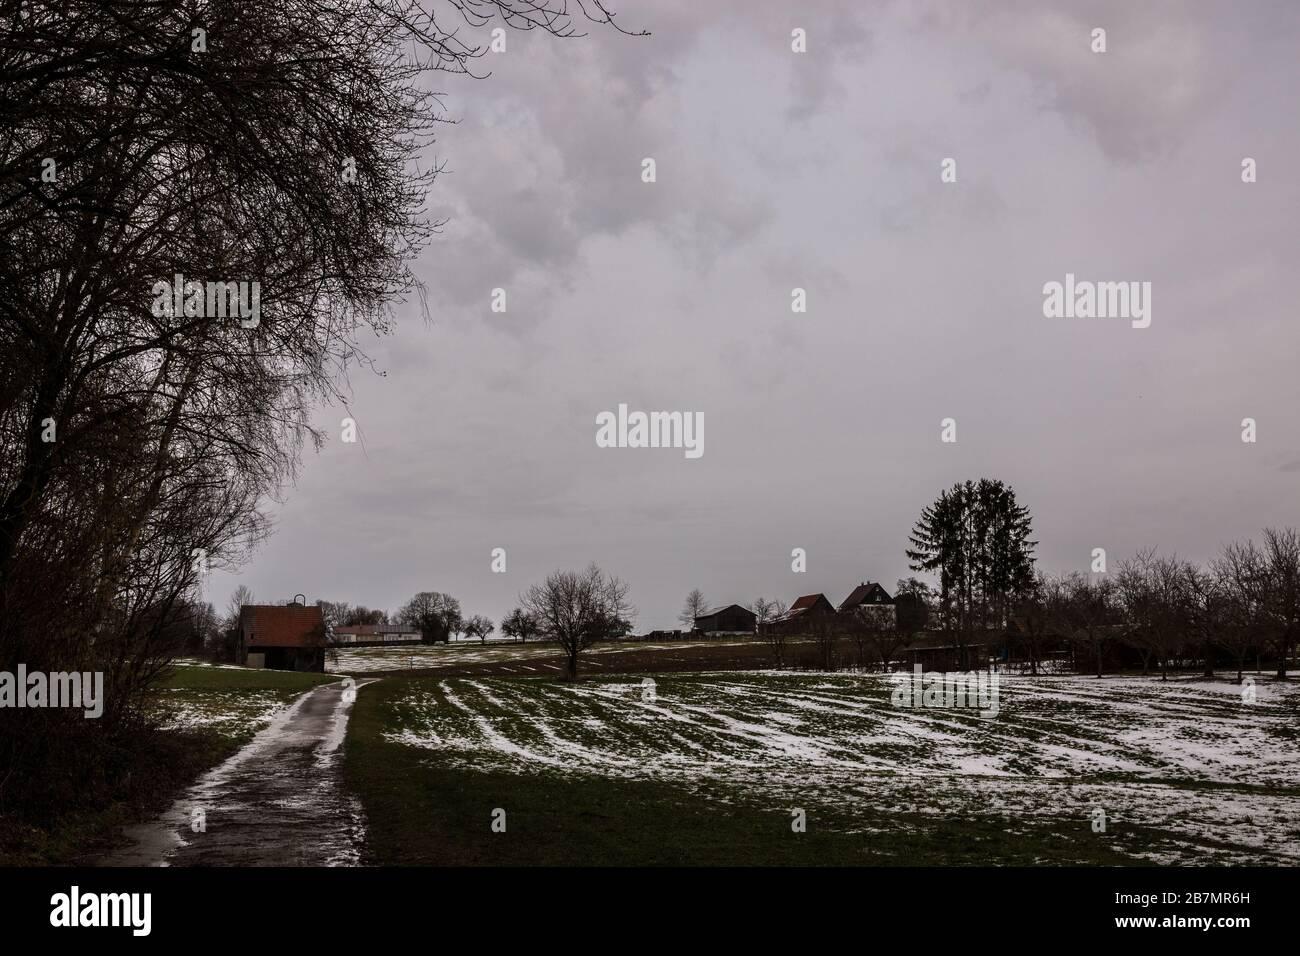 Braune Kabine auf dem eisigen Grünfeld im Winter Stockfoto